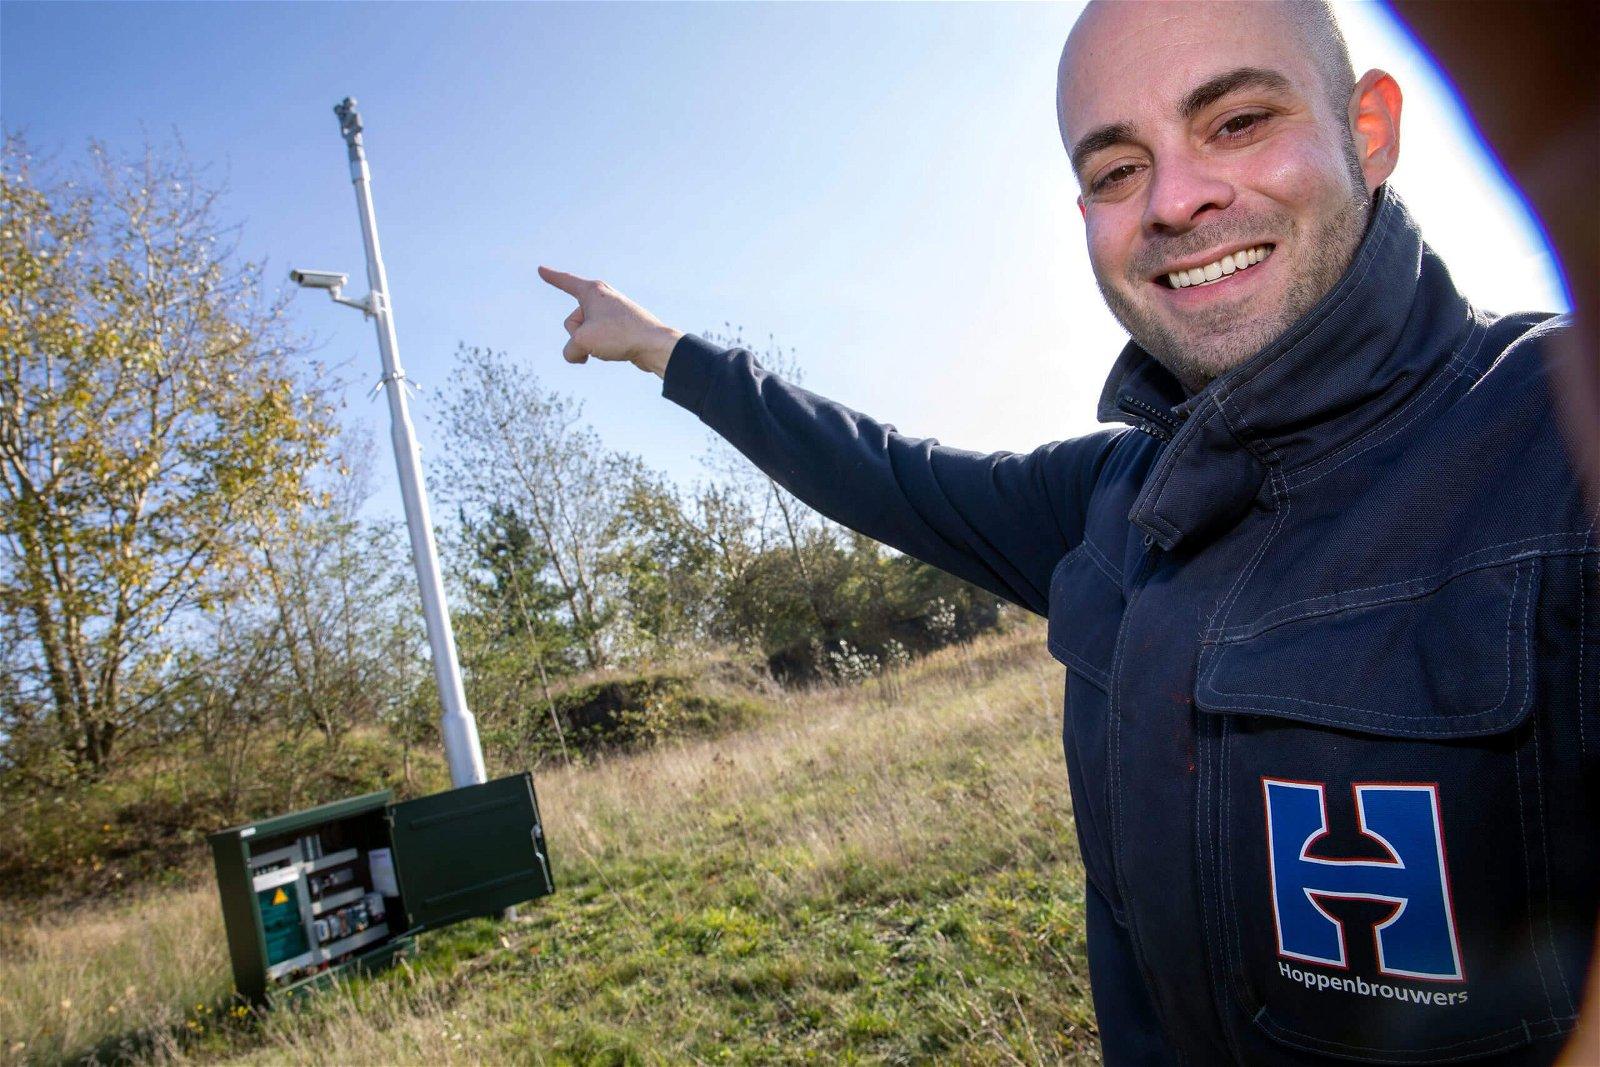 Hoppenbrouwers verzorgt beveiligingsschil om overheidsterrein